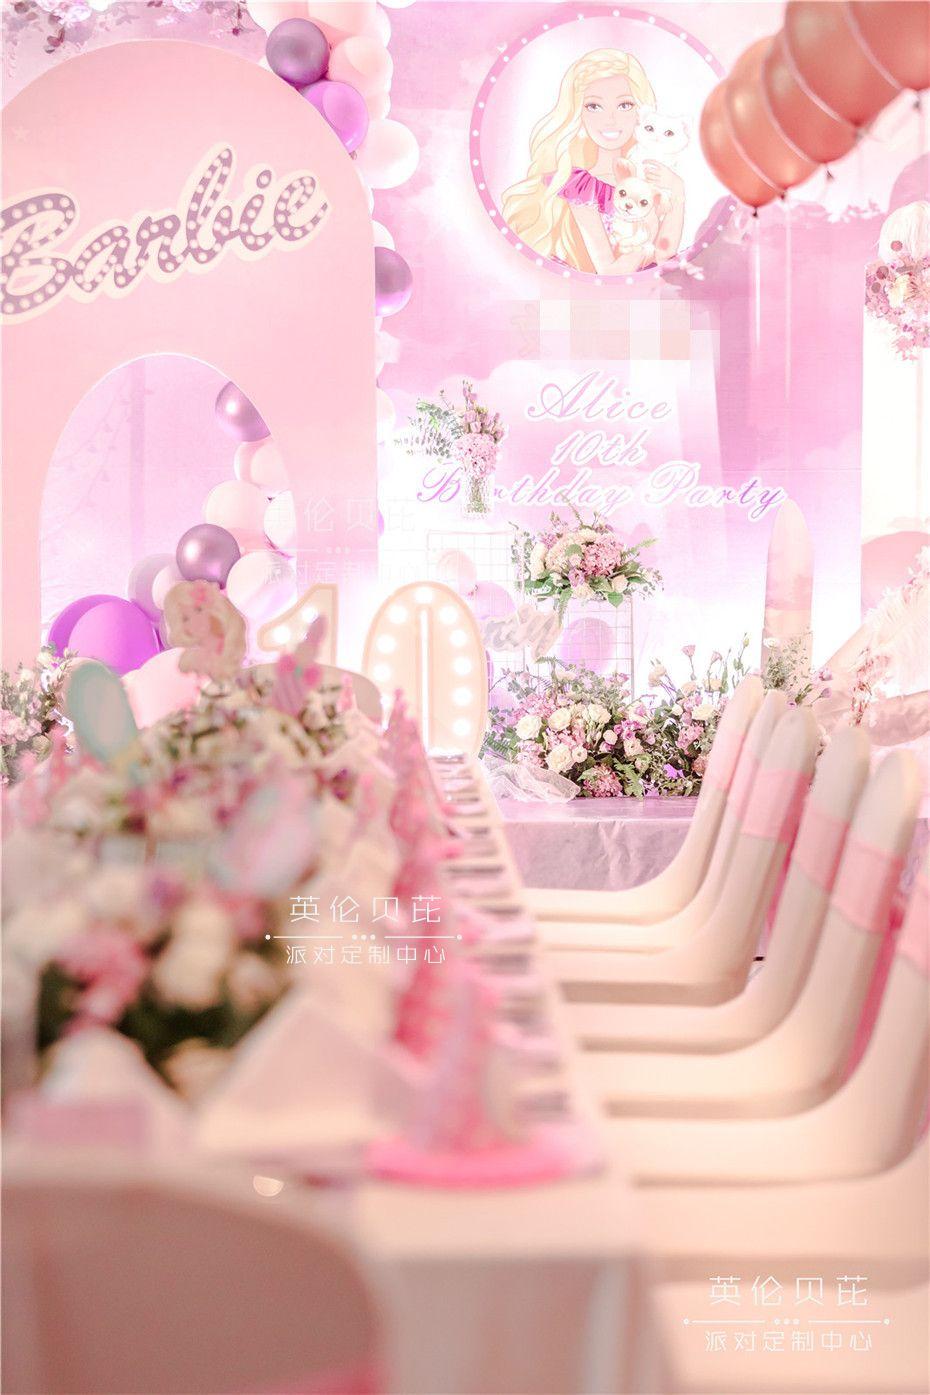 要不要办一场粉紫色梦幻芭比派对